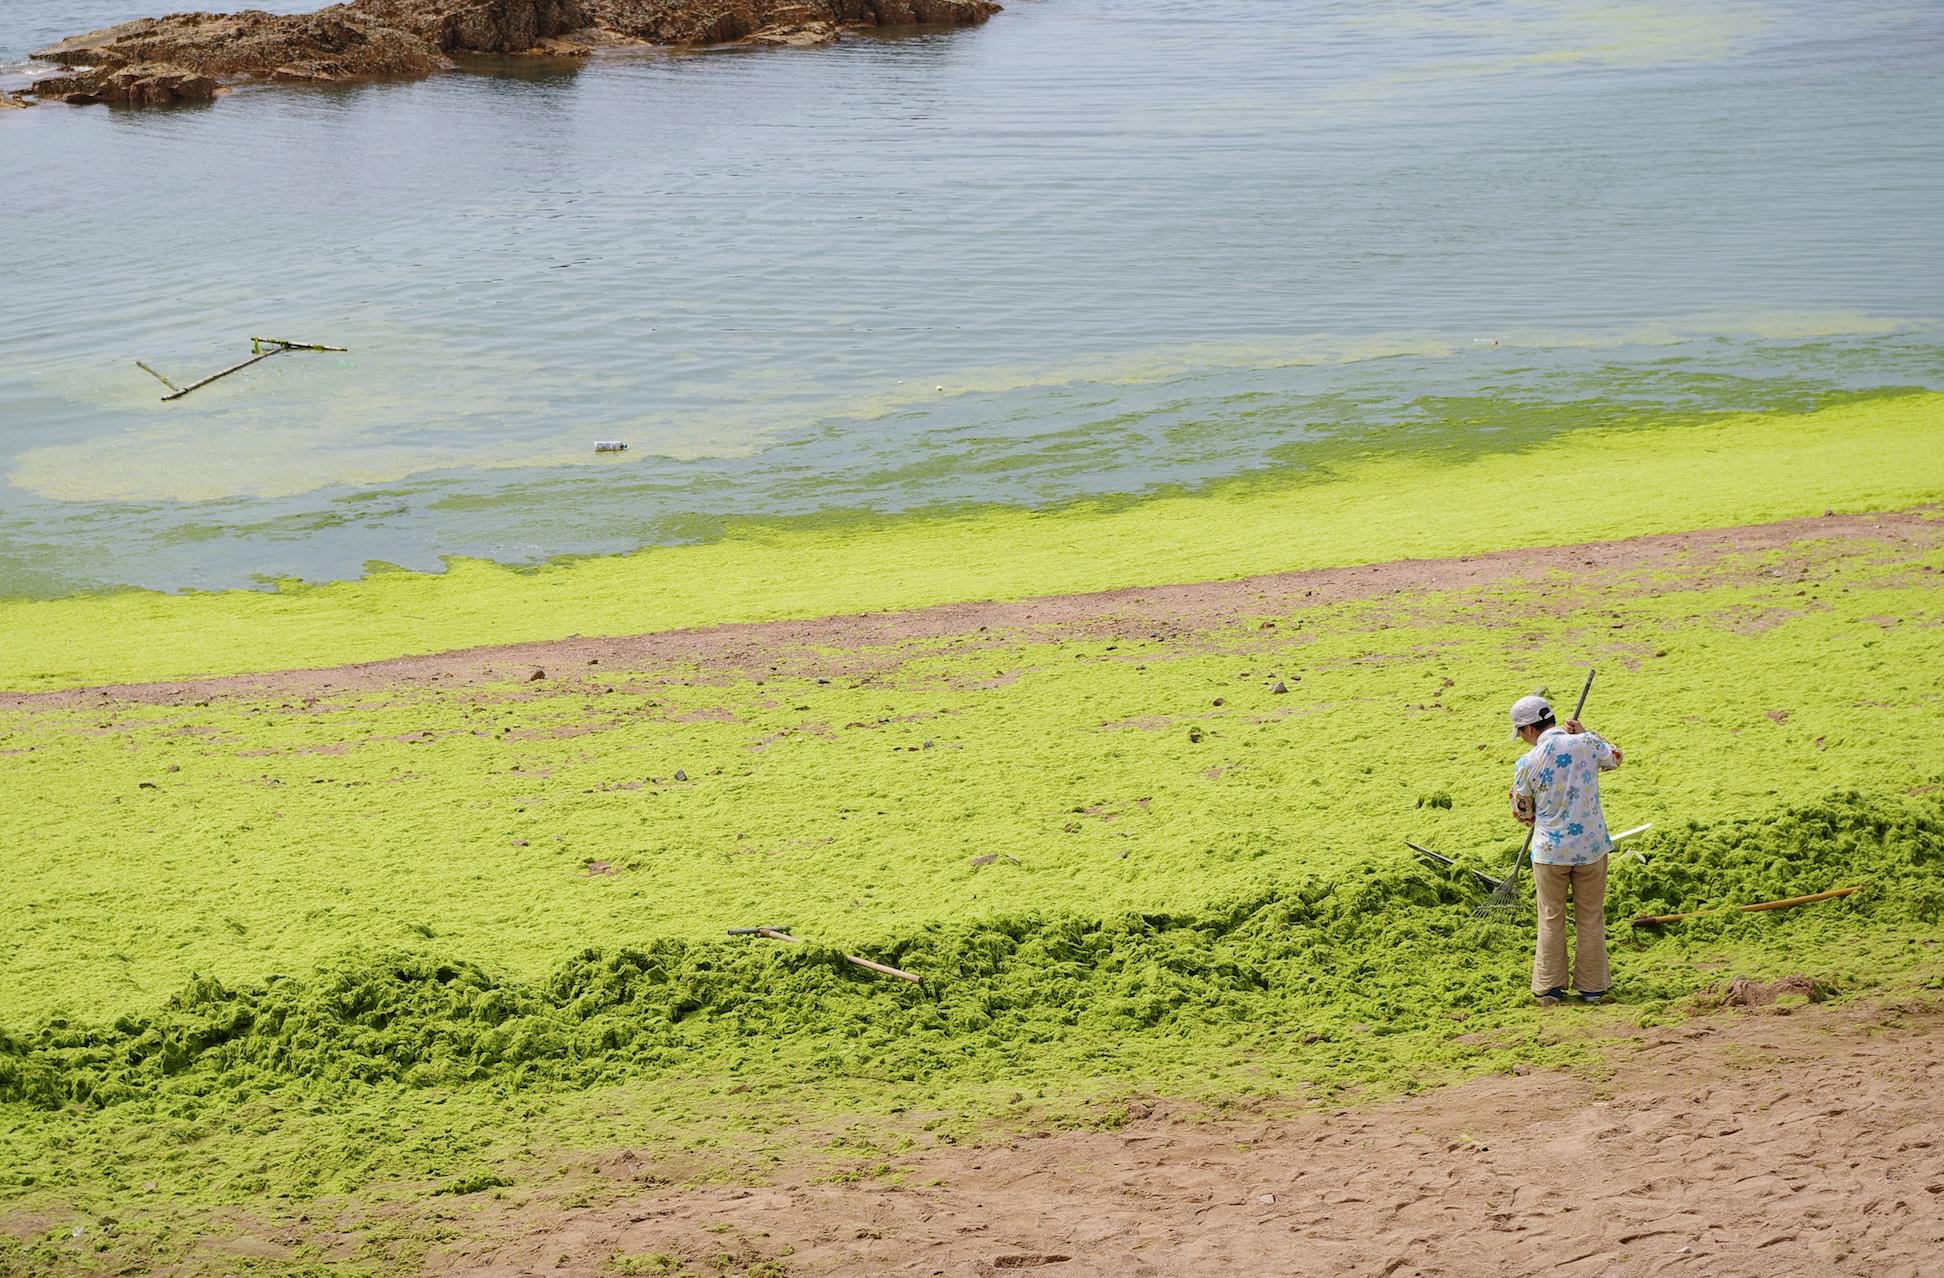 algae bloom on beach